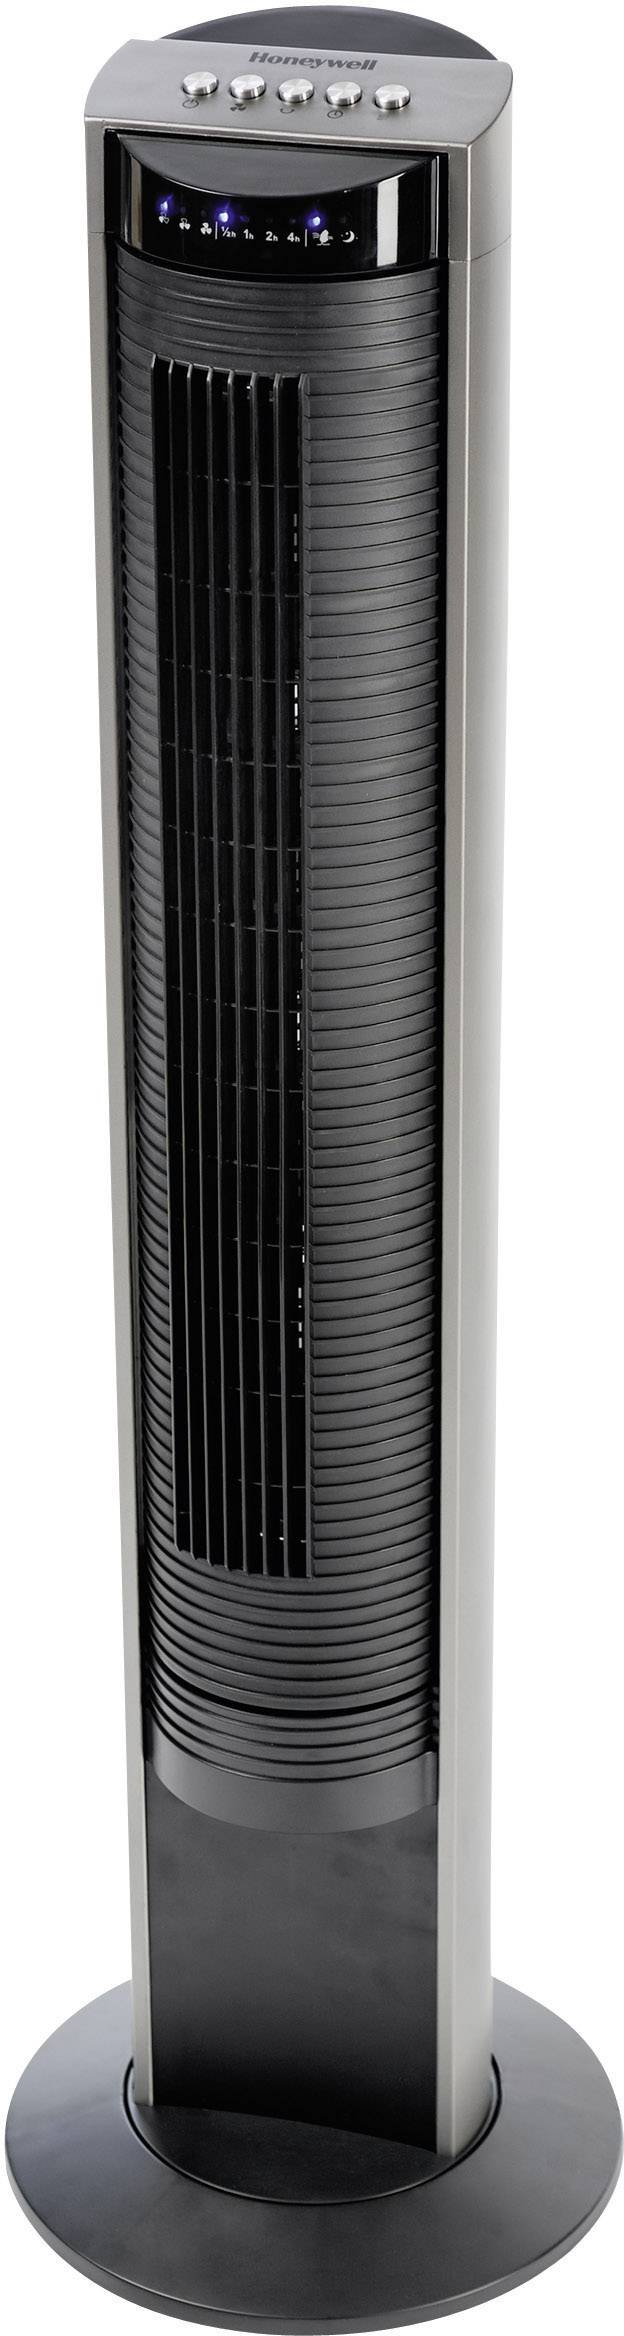 Věžový ventilátor Honeywell HO-5500RE